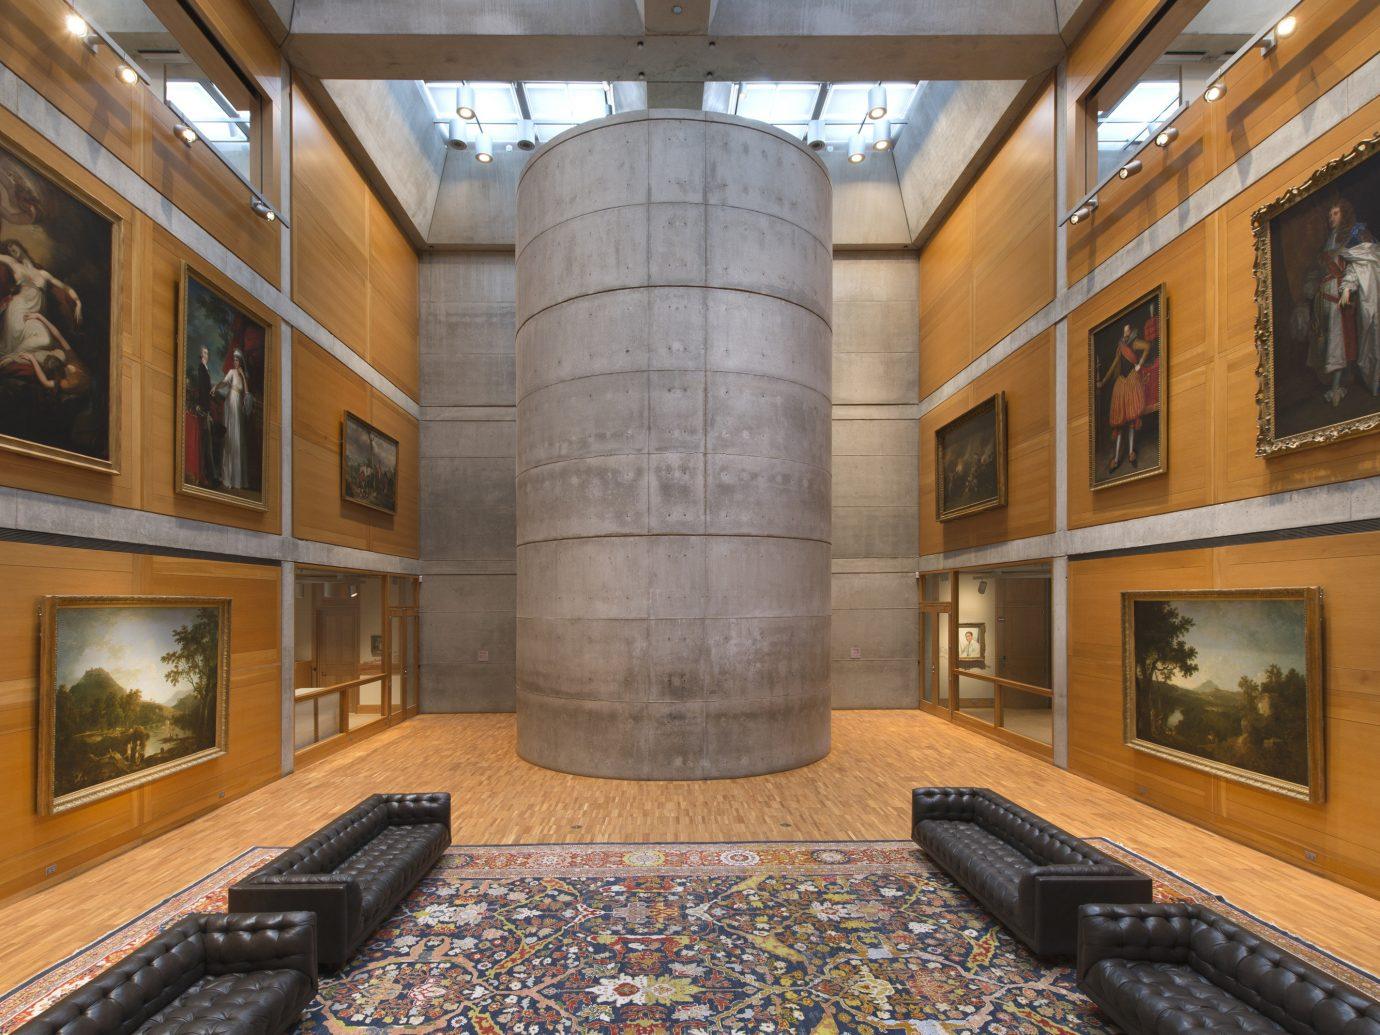 Trip Ideas indoor tourist attraction room interior design museum ceiling Lobby rug furniture